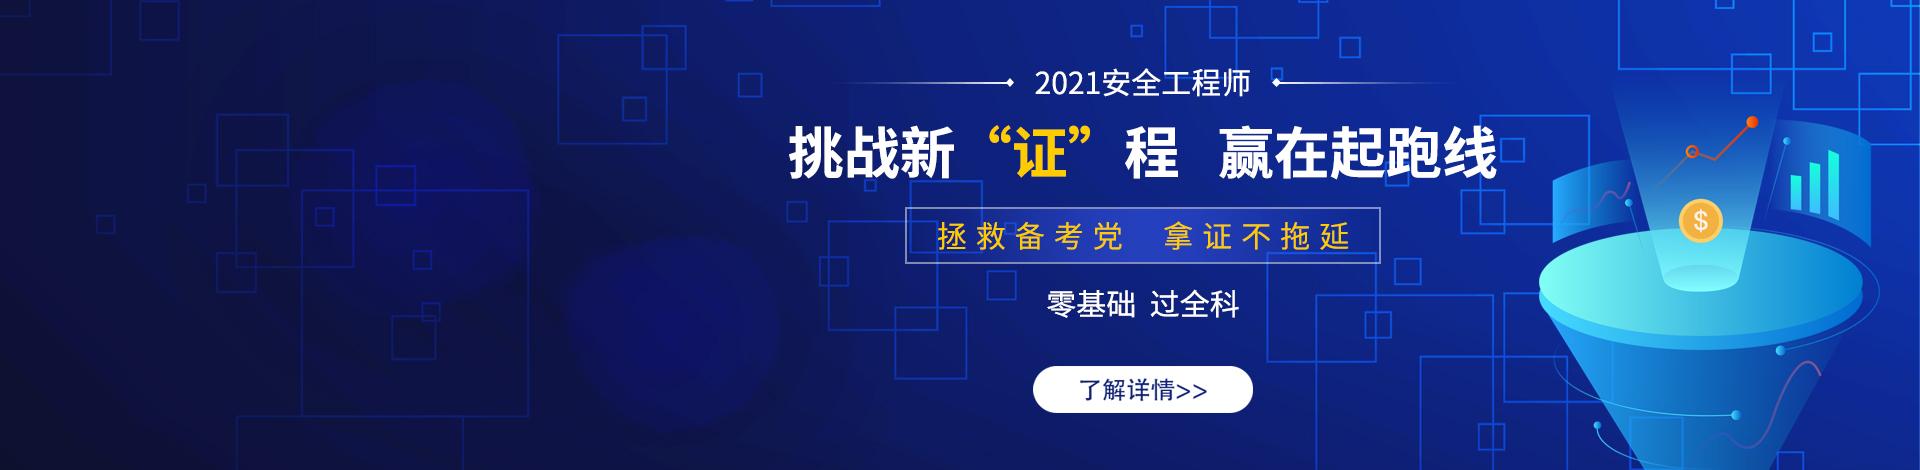 宁夏一些2021年中级注册安全工程师备考经验